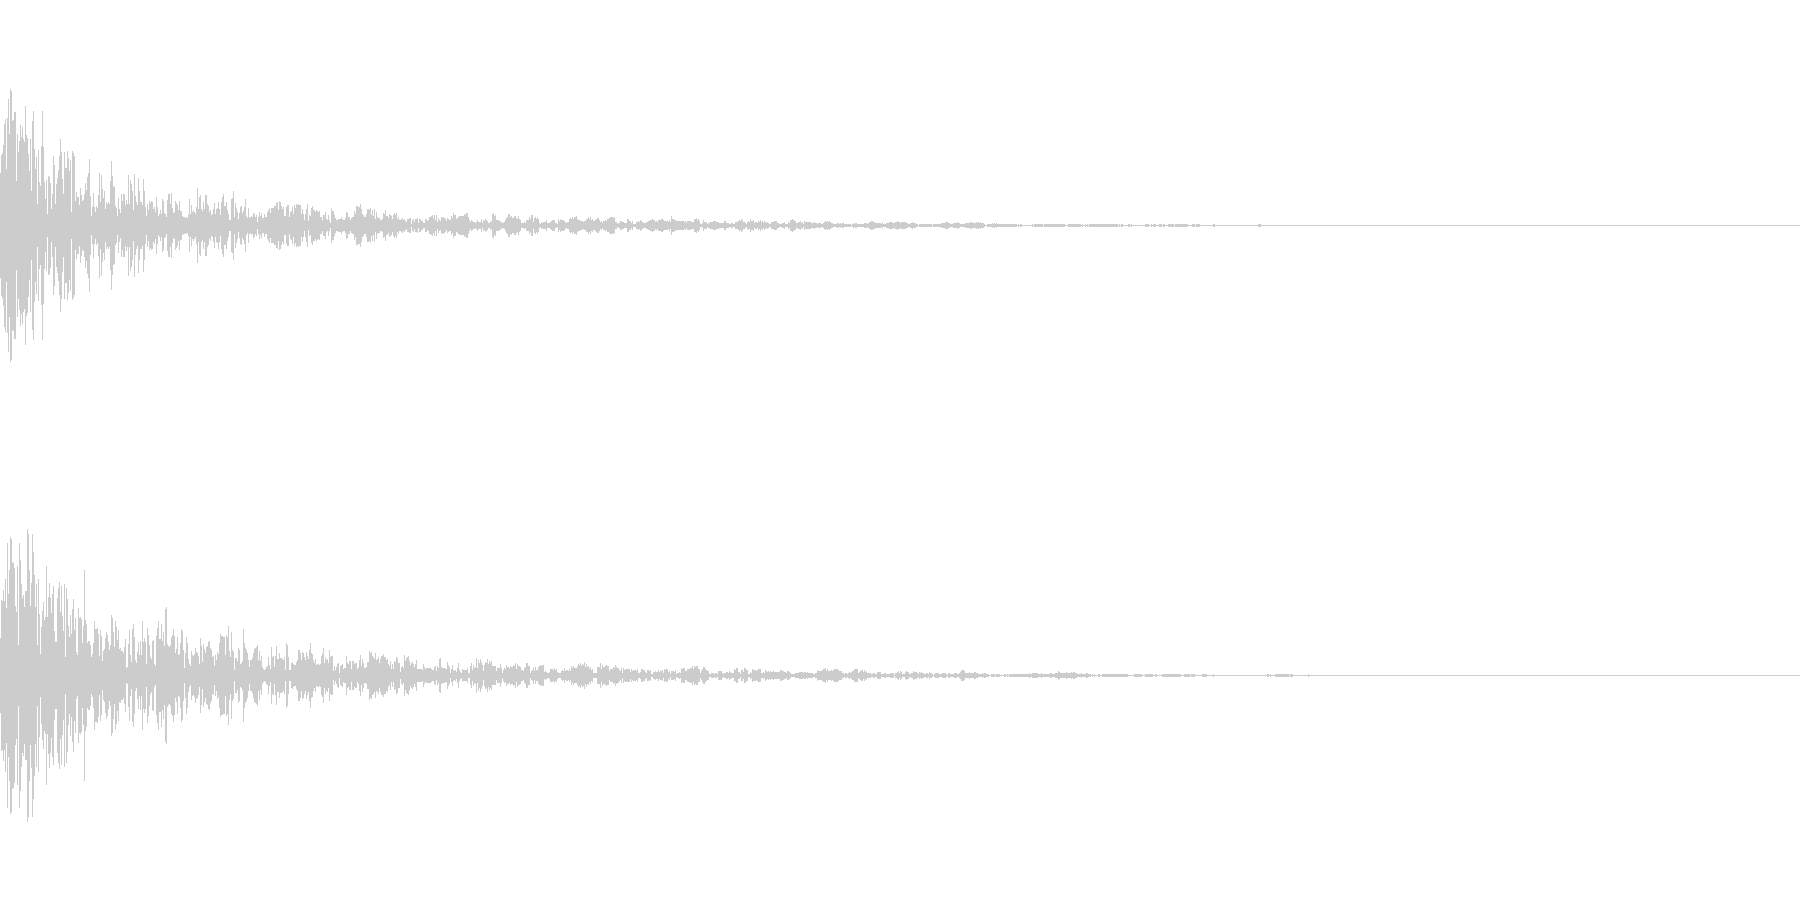 ドーン-36-1(インパクト音)の未再生の波形